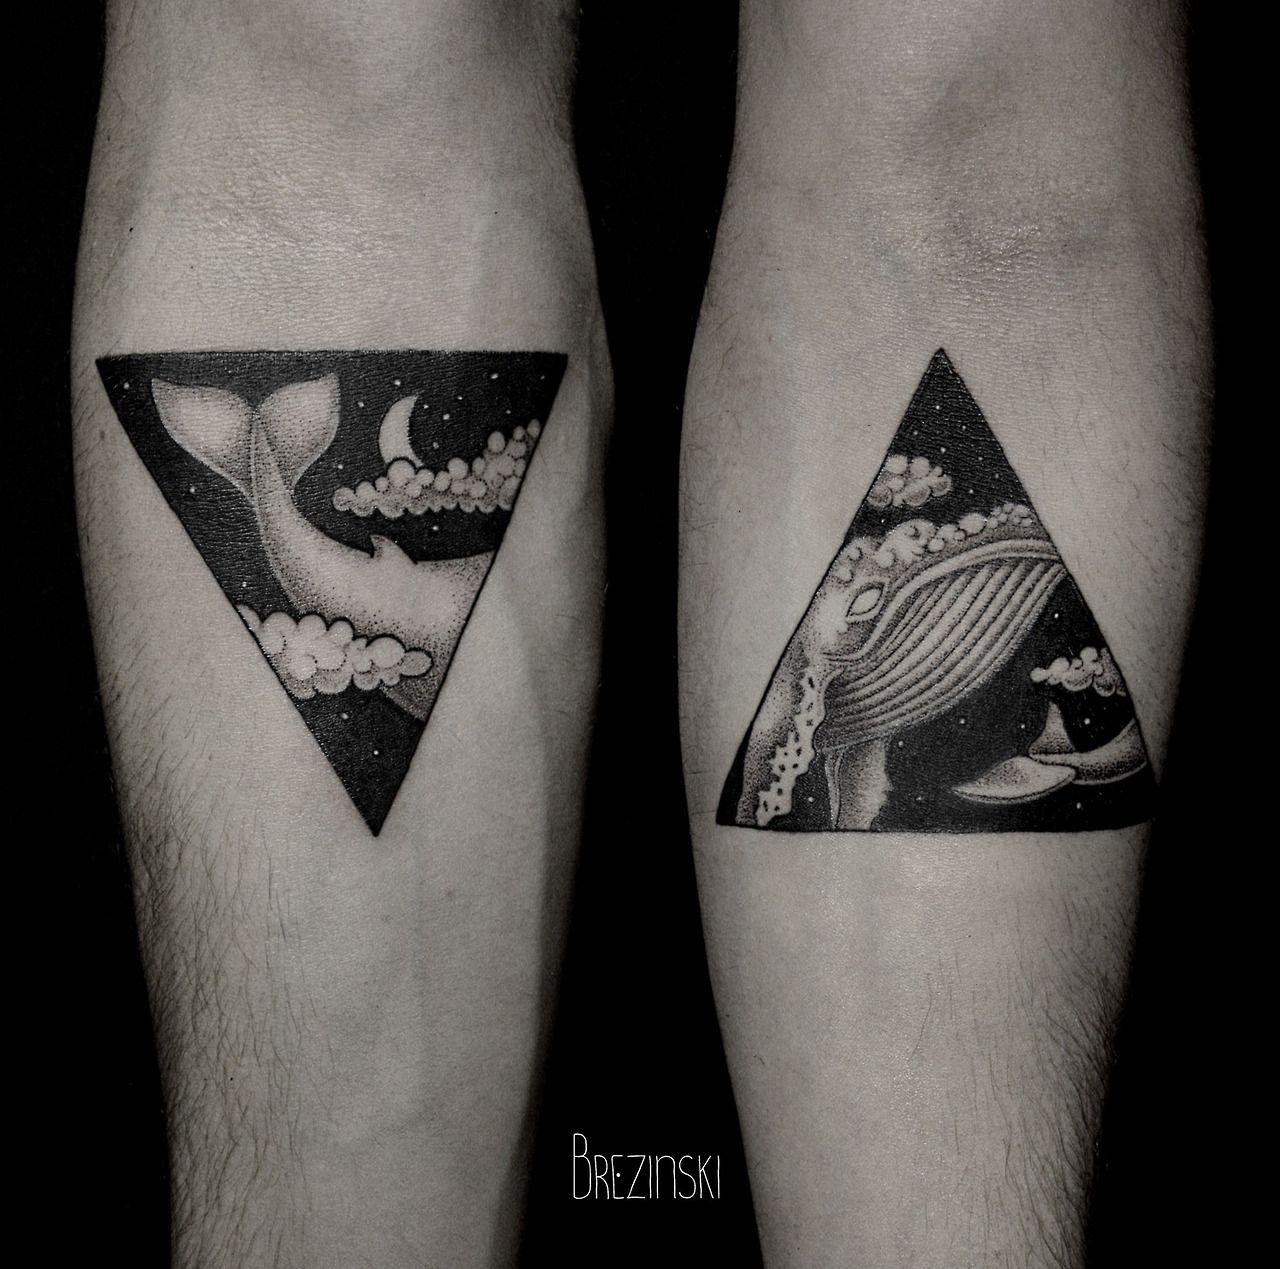 Stipple Tattoos By Ilya Brezinski 타투 Pinterest Stippling - Surreal black ink tattoos by ilya brezinski